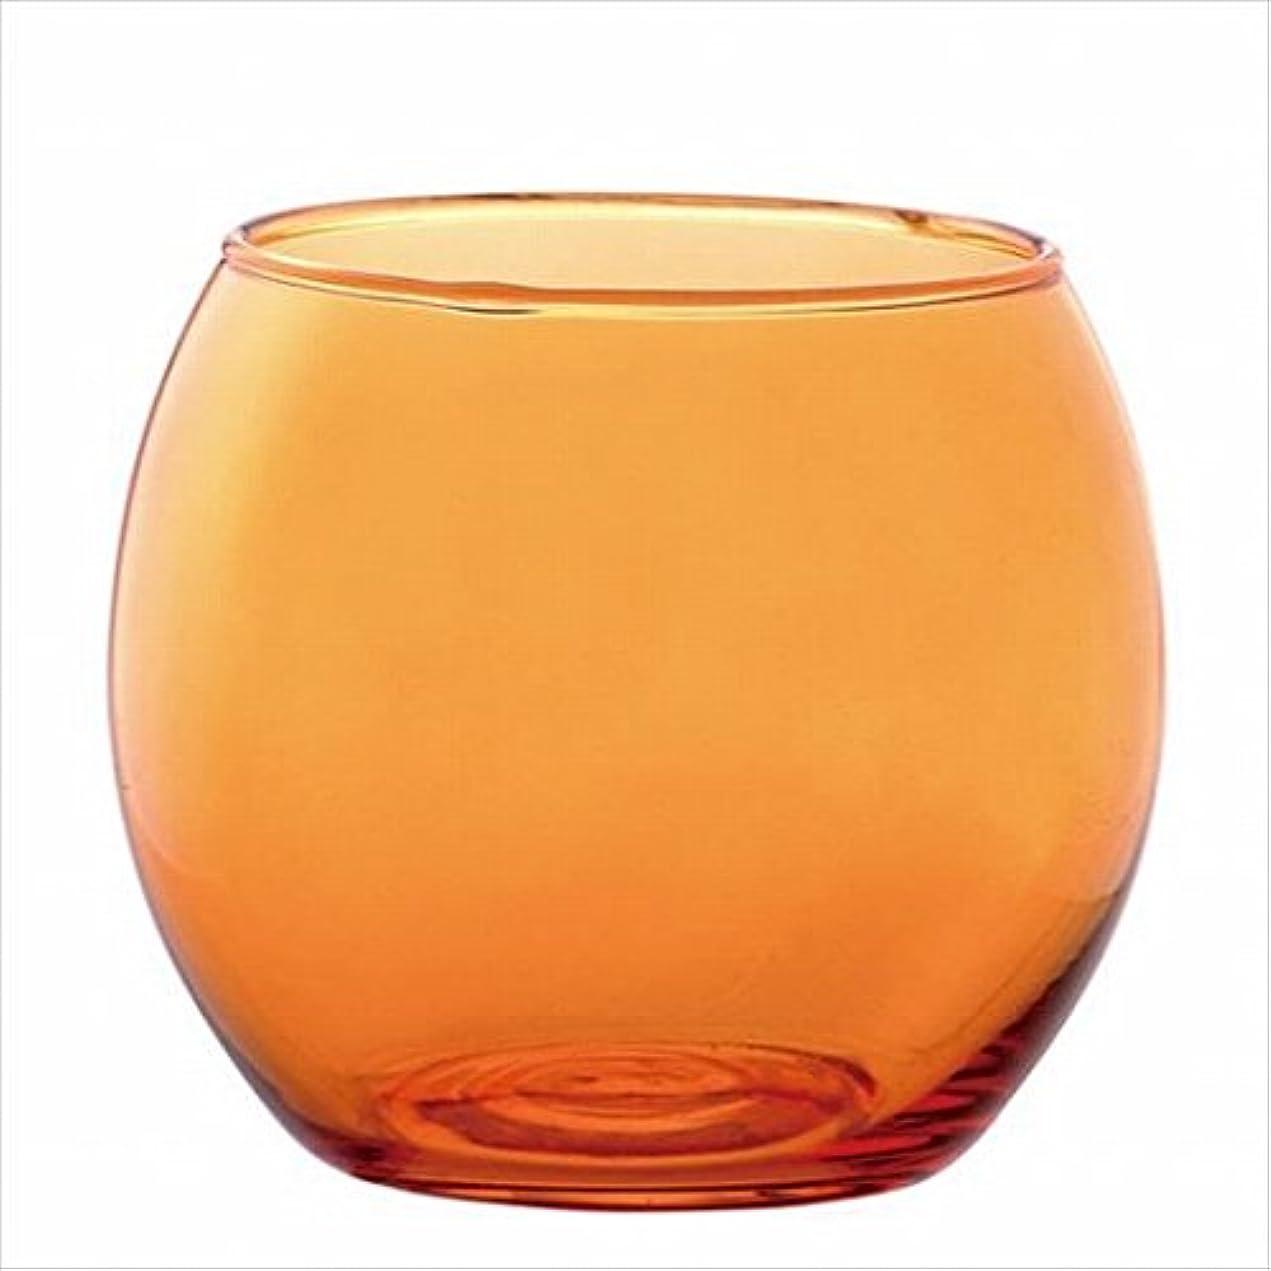 案件カップルリハーサルカメヤマキャンドル( kameyama candle ) スフィアキャンドルホルダー 「 オレンジ 」